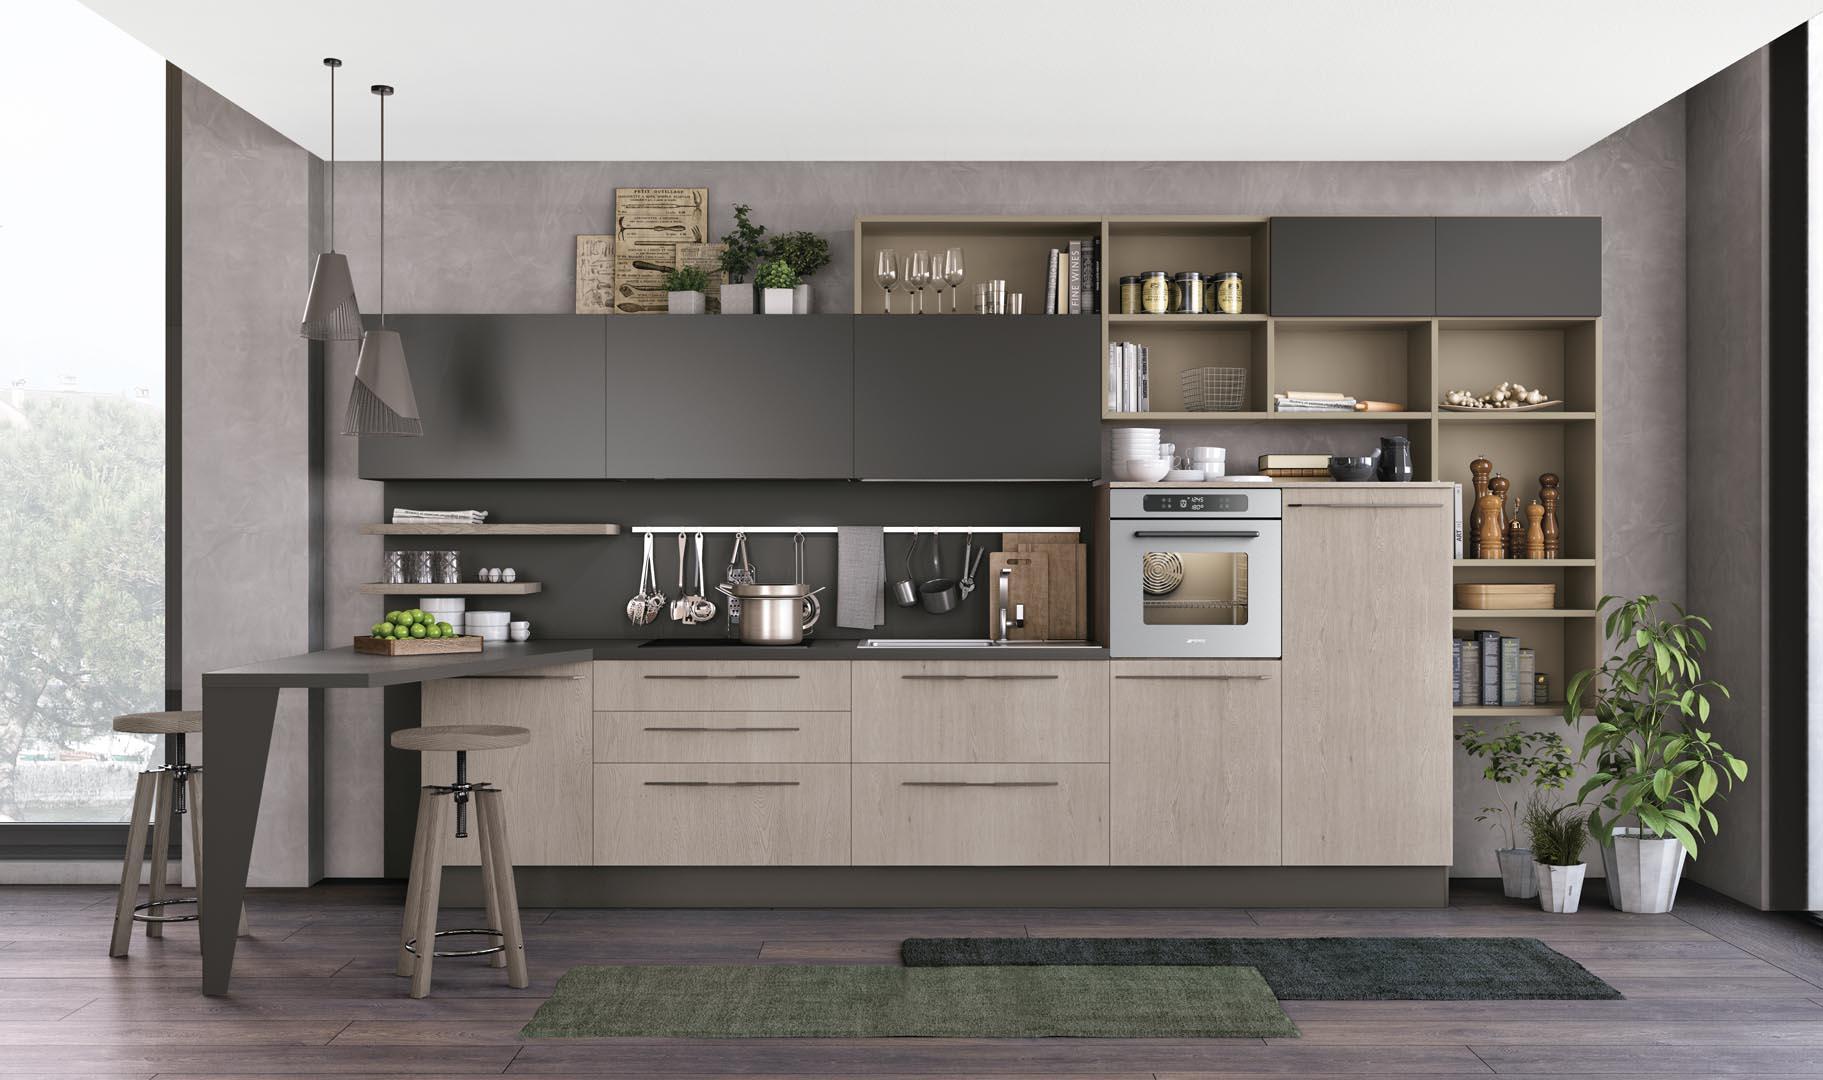 Cucina Agnese Lube Opinioni cucina jey - negozio cucine lube e creo cernusco (milano).